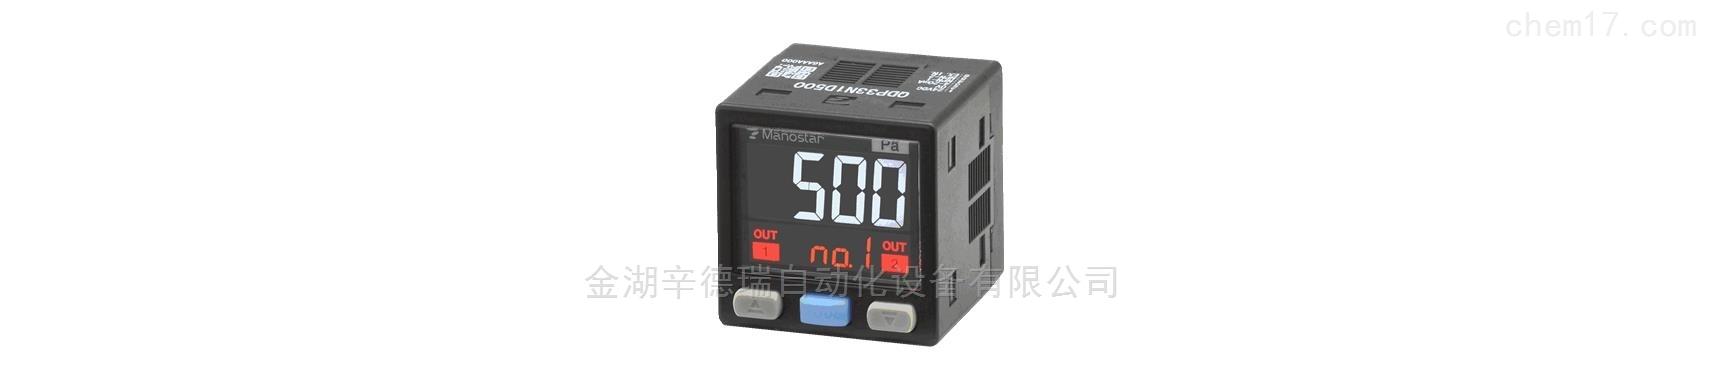 日本山本电机MANOSTAR微差压表原装正品